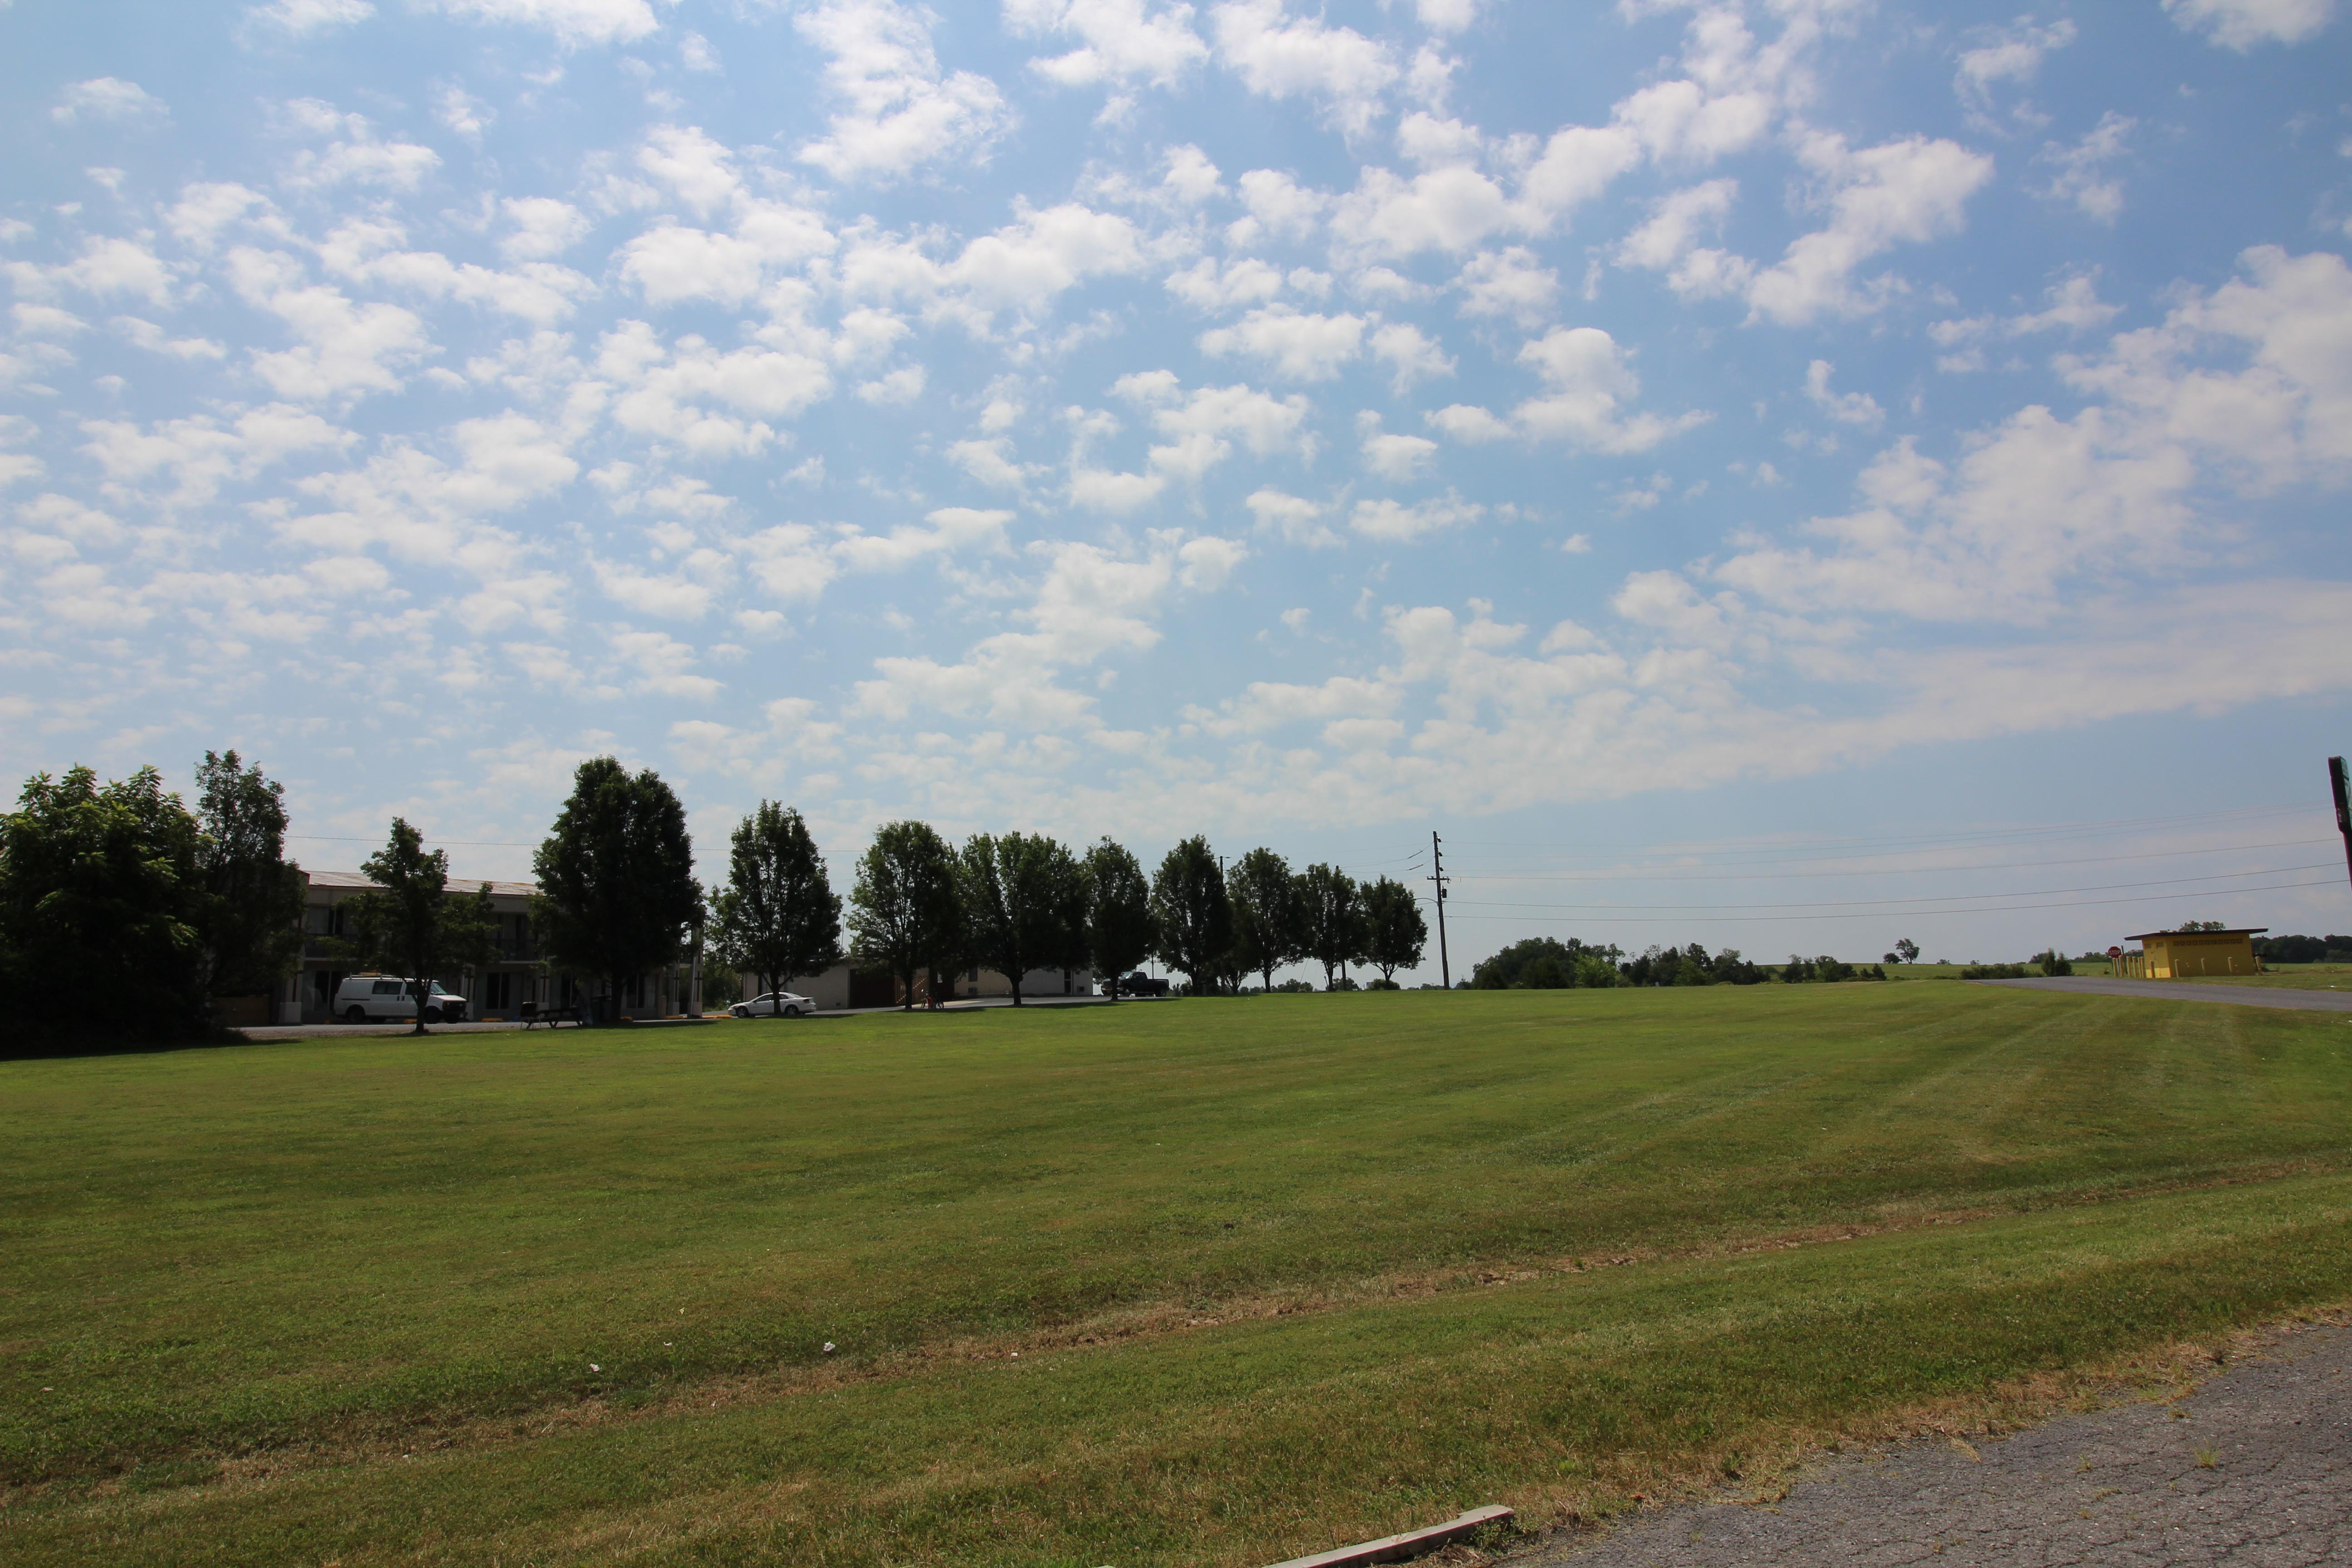 Commercial Land Near I-81 In Verona, VA